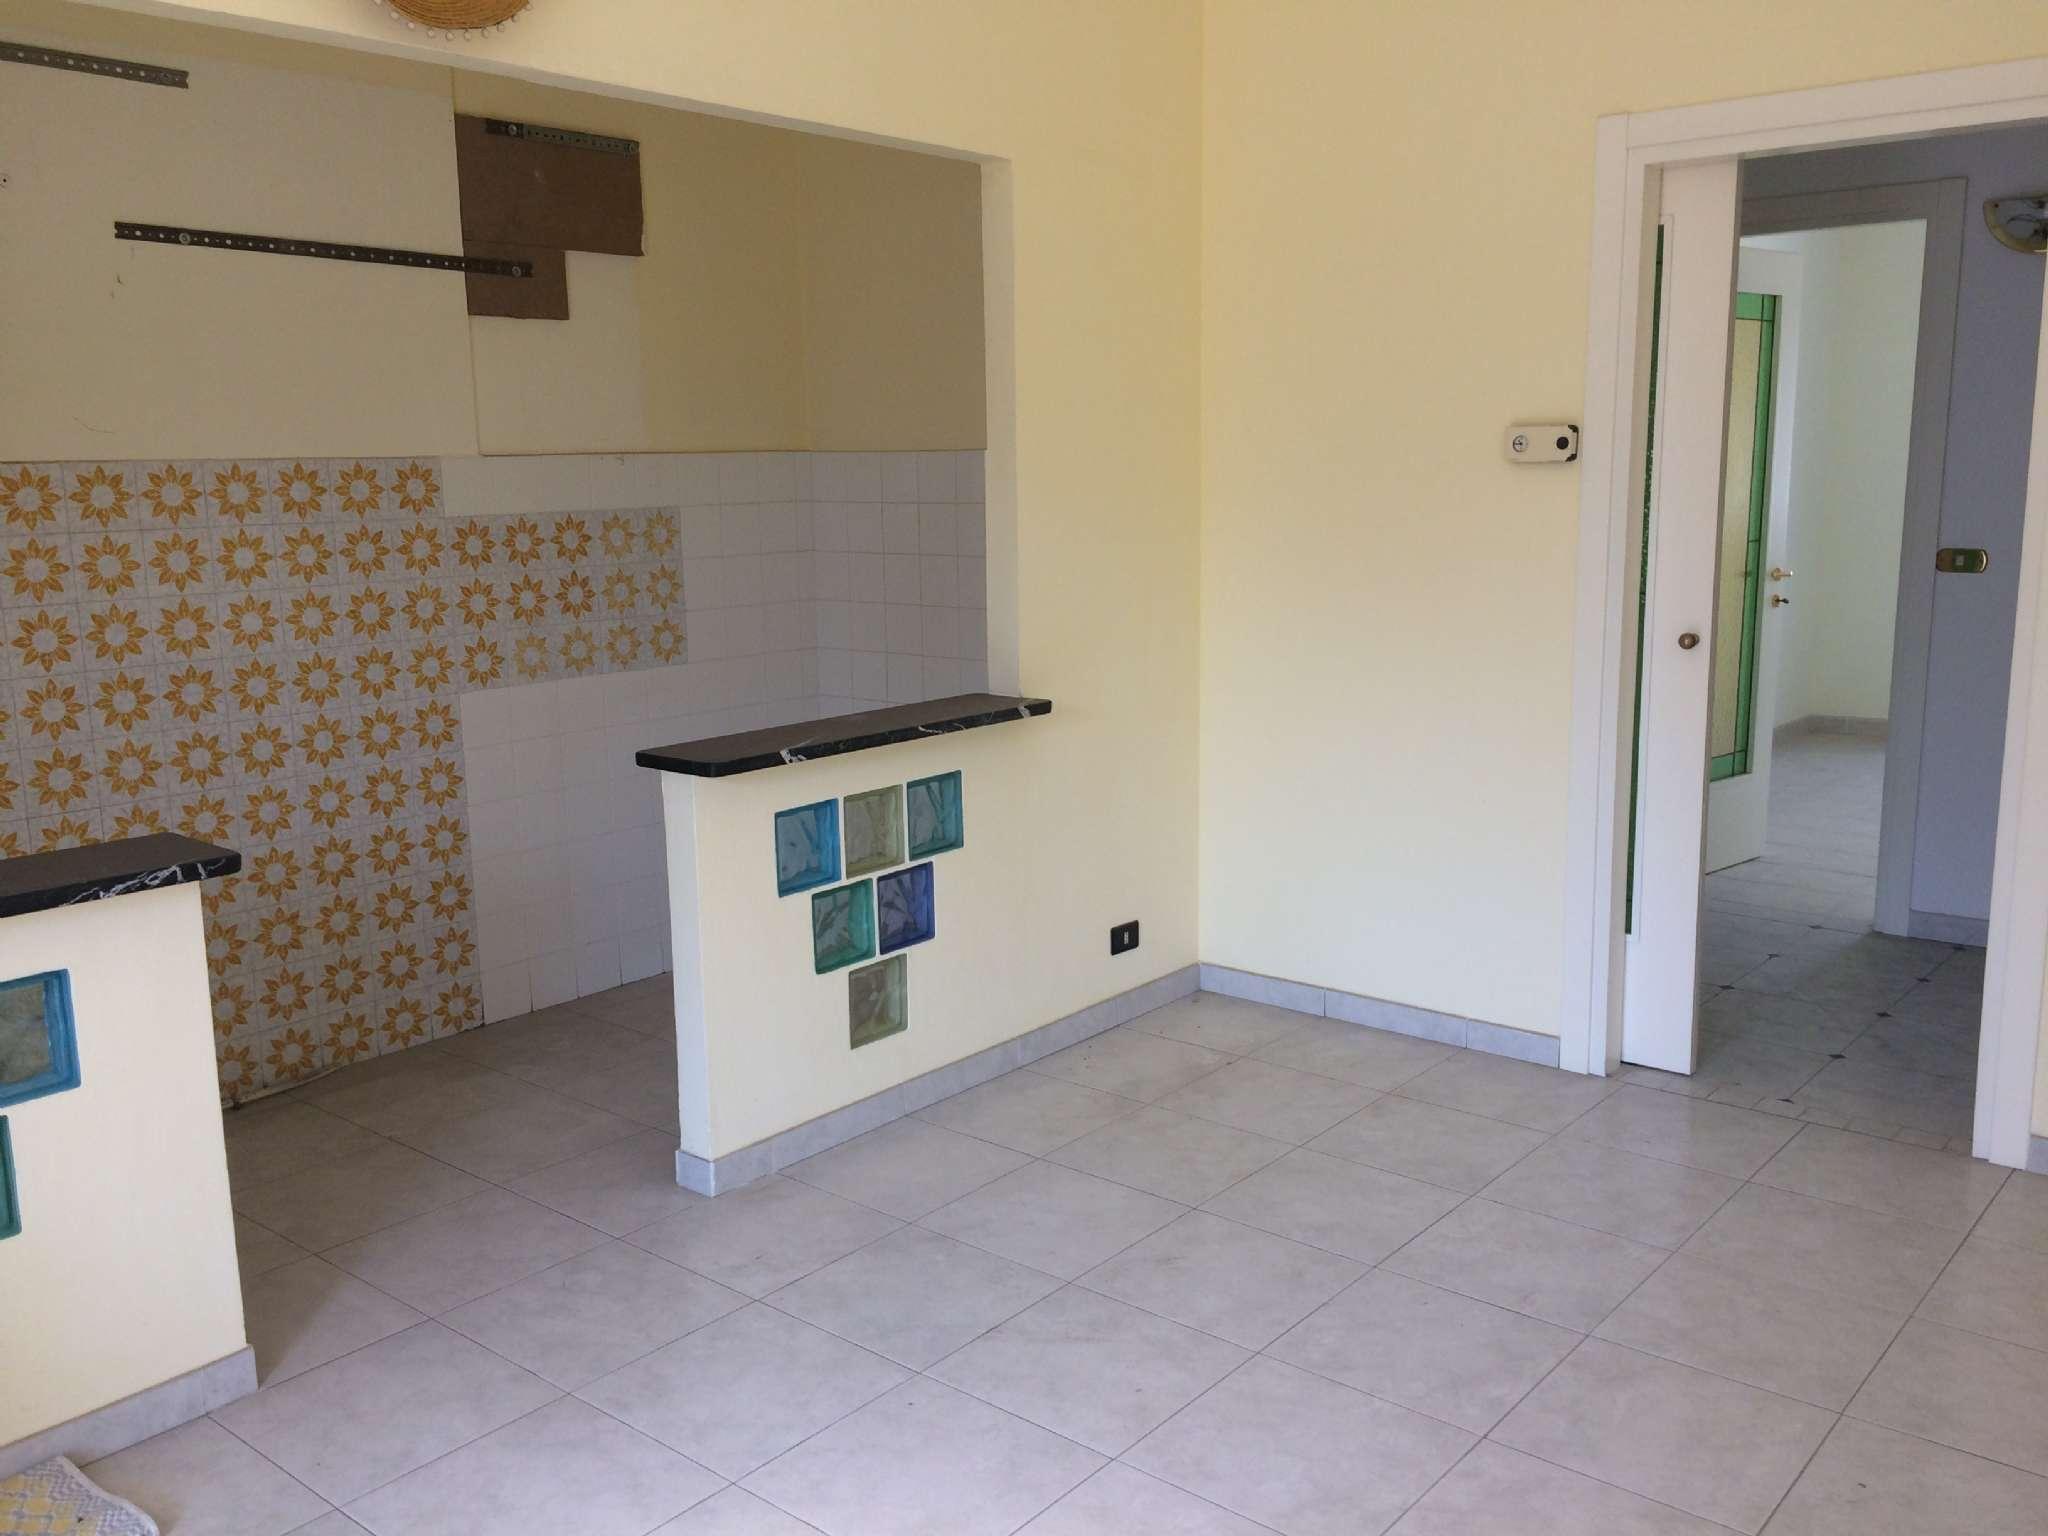 Appartamento in vendita a Centallo, 4 locali, prezzo € 125.000 | CambioCasa.it